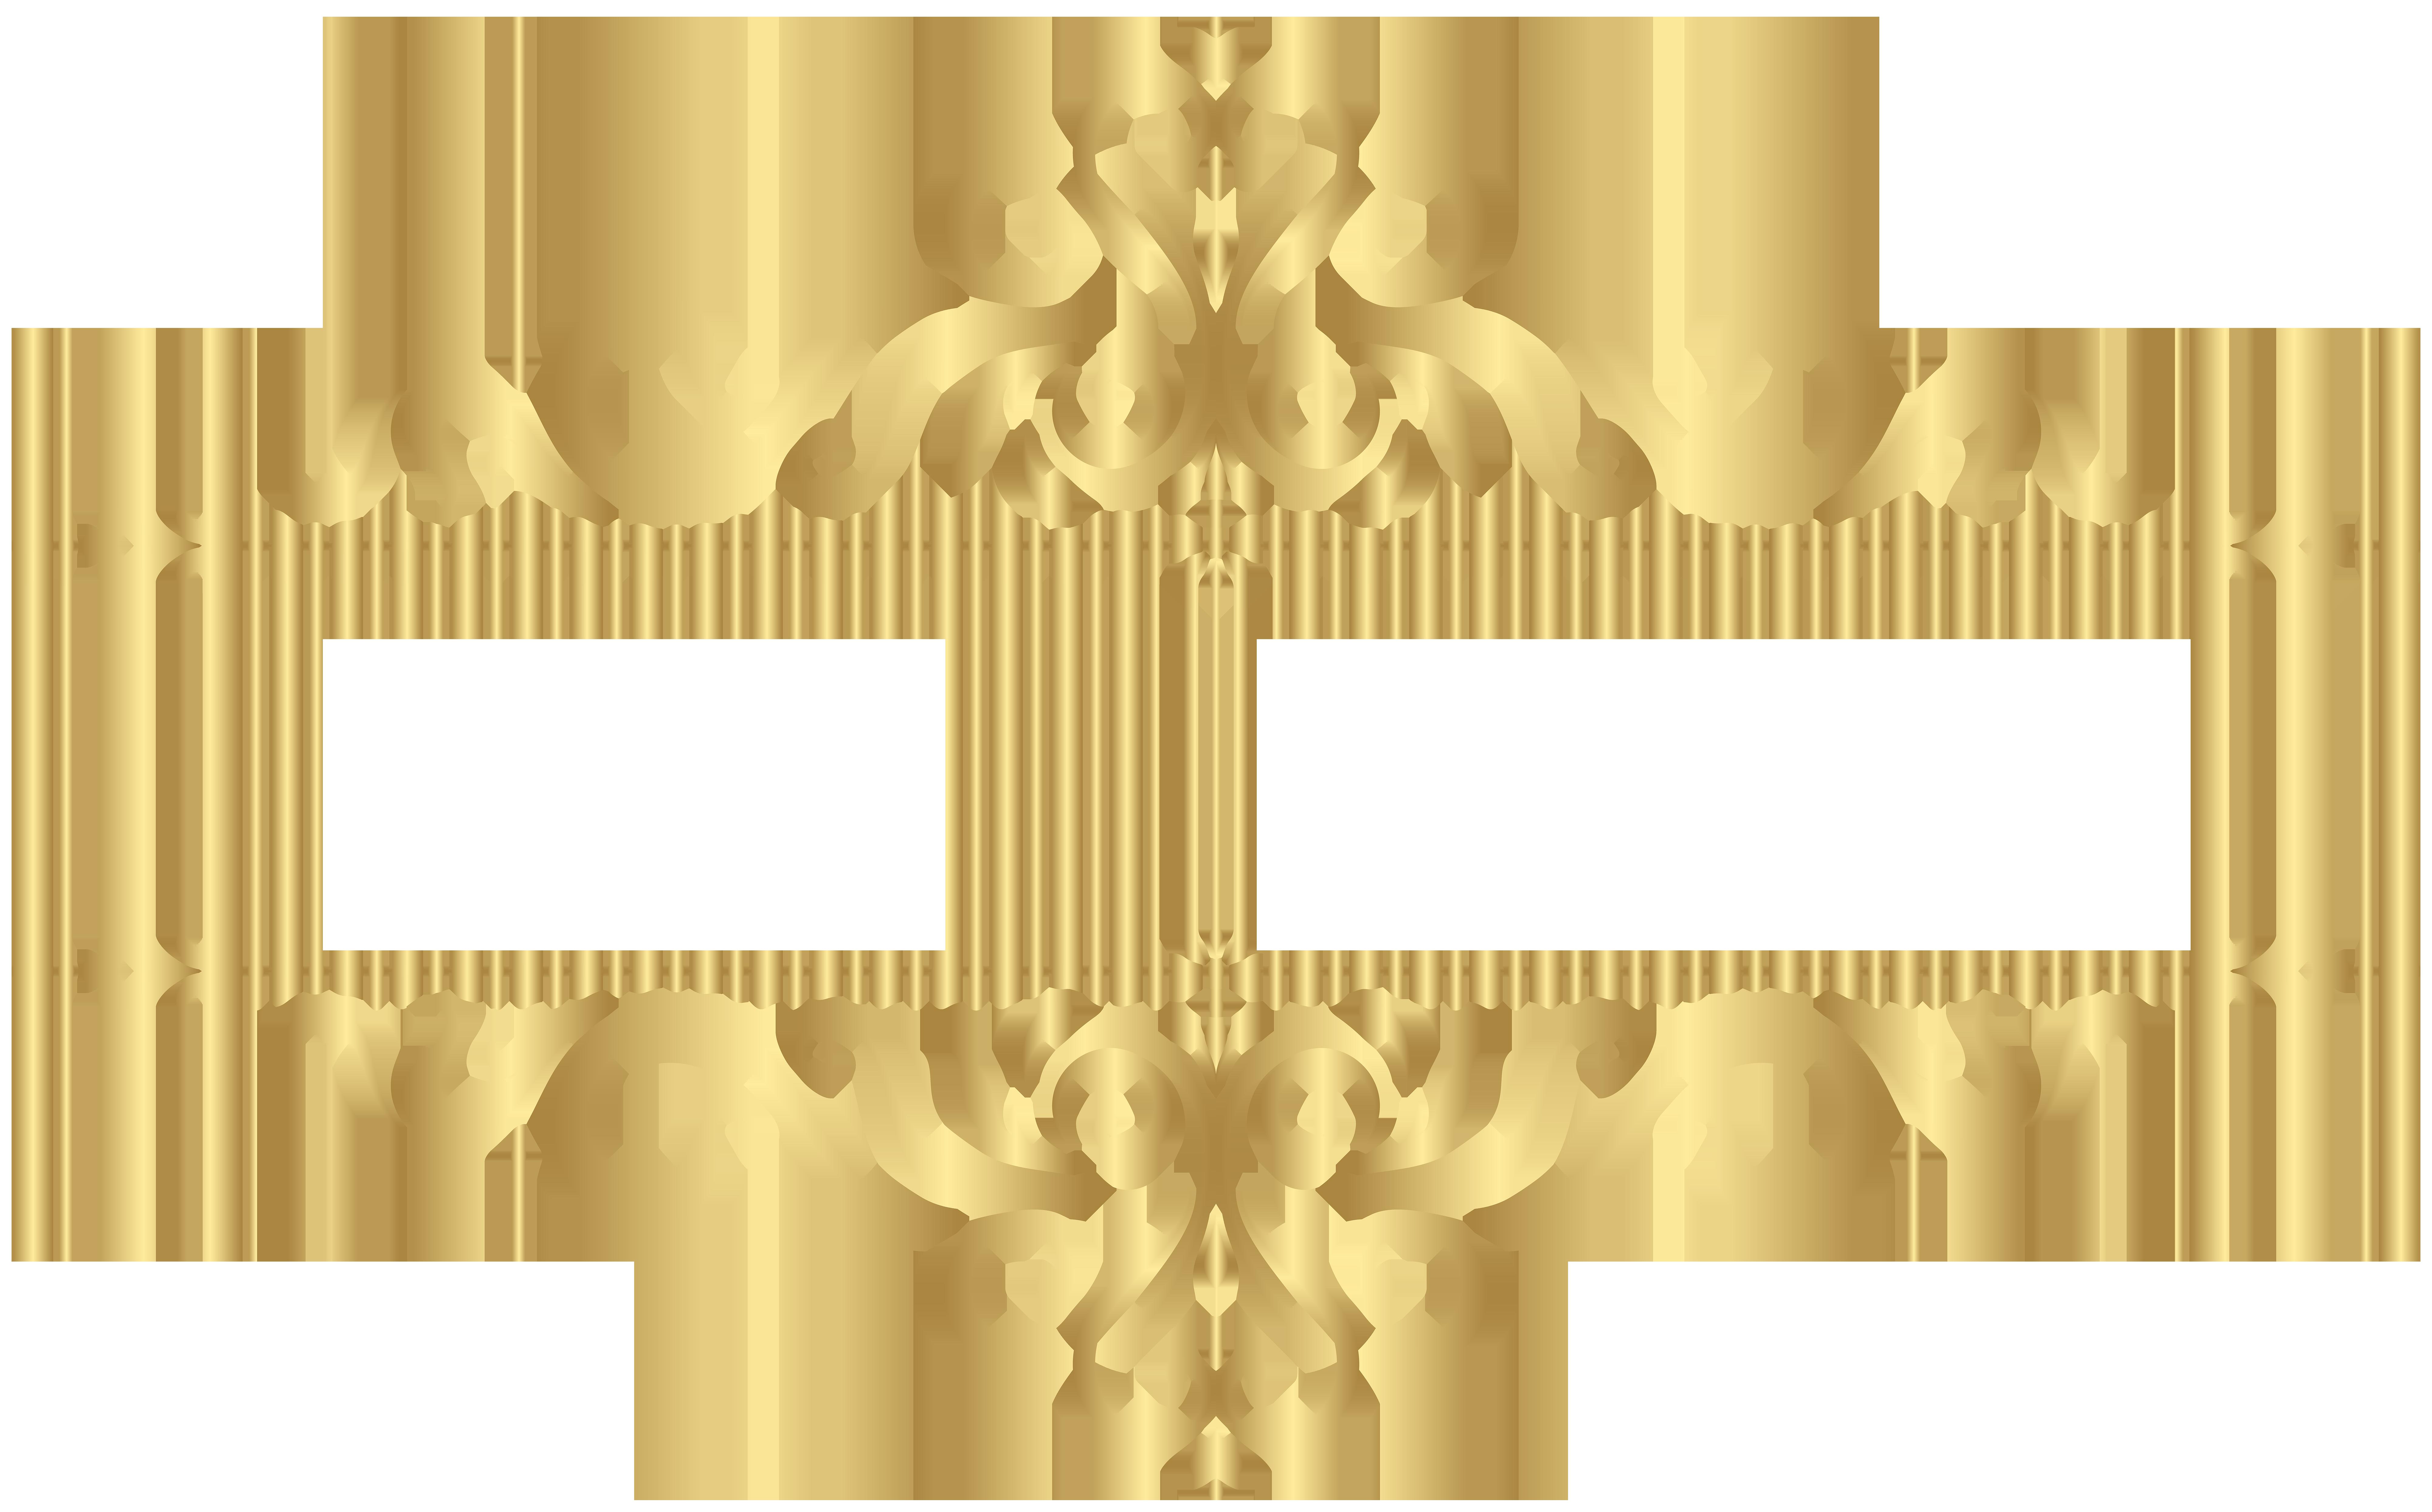 Golden Ornament PNG Clip Art Image Logotipo salão de